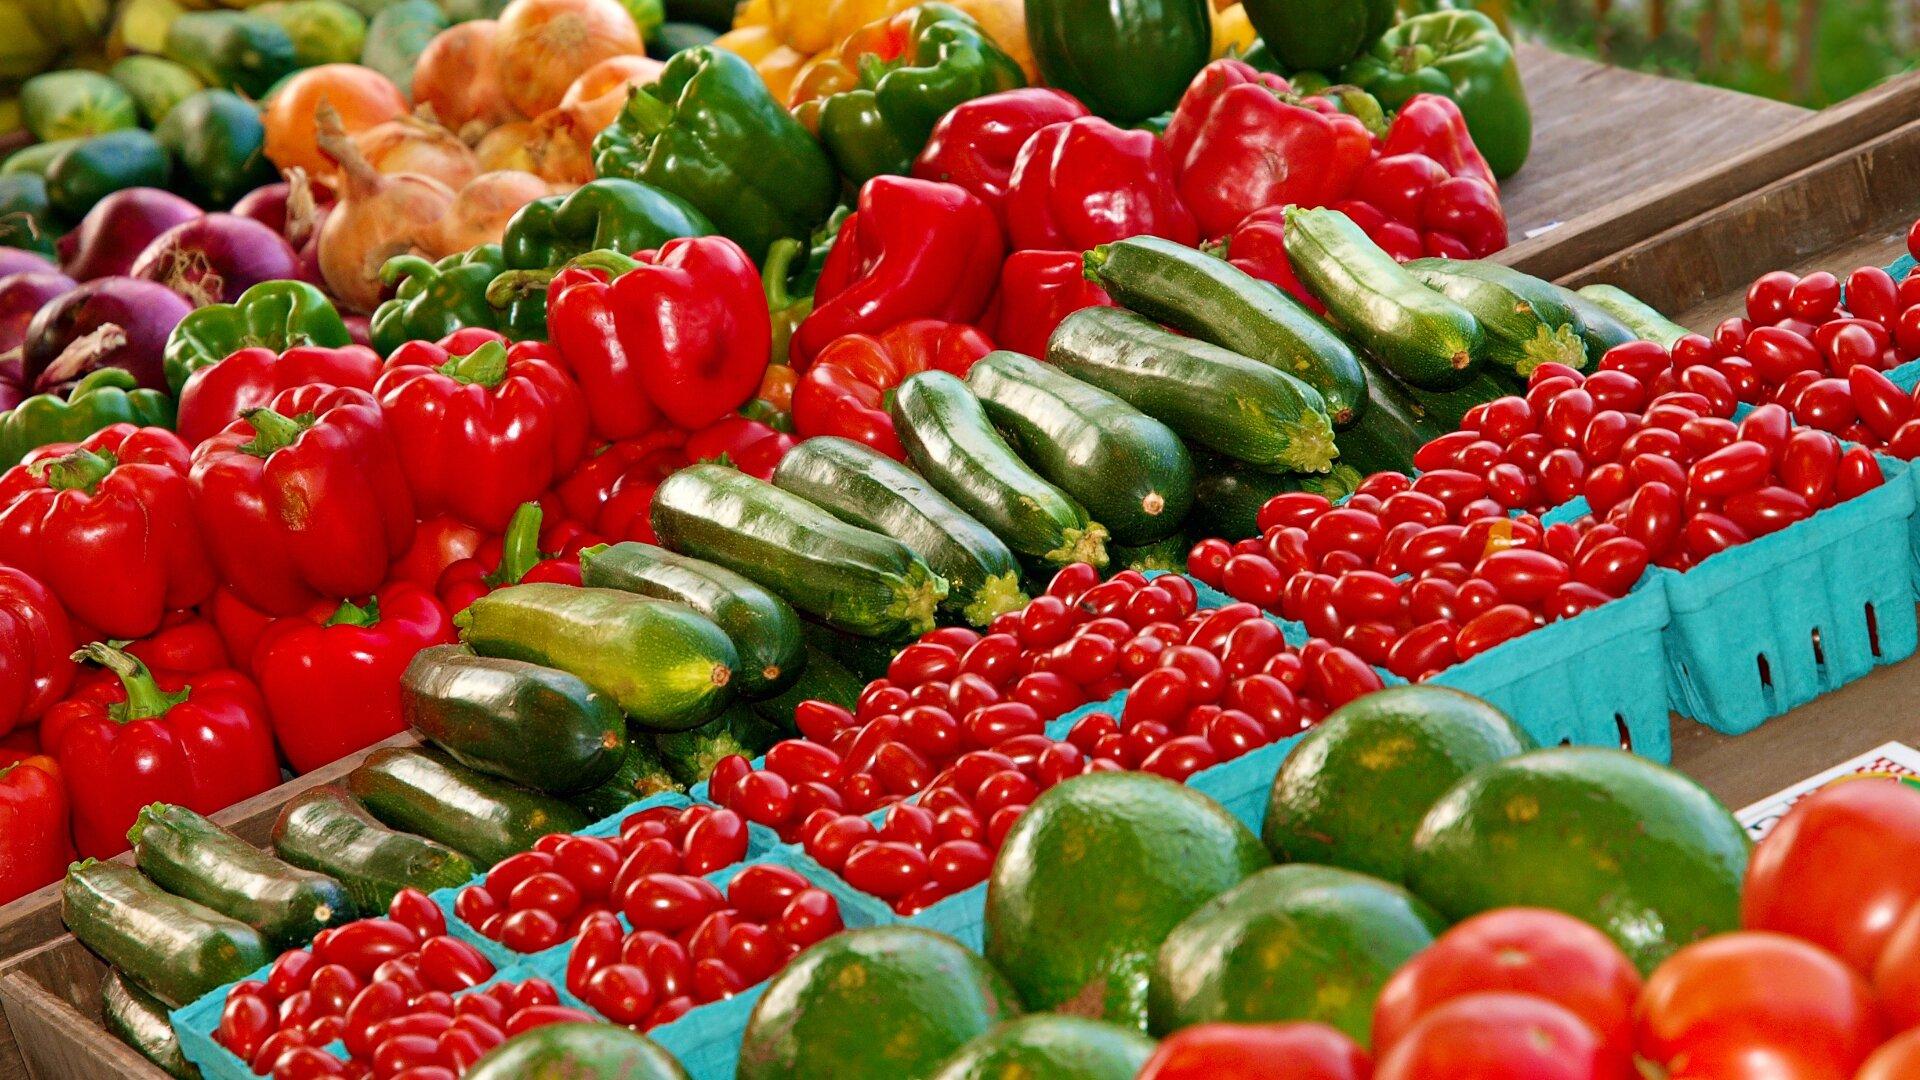 Zdjęcie przedstawia poukładane wrzędach różne warzywa. Między innymi jest widoczny rząd czerwonych papryk, rządek cukinii irząd pomidorów.